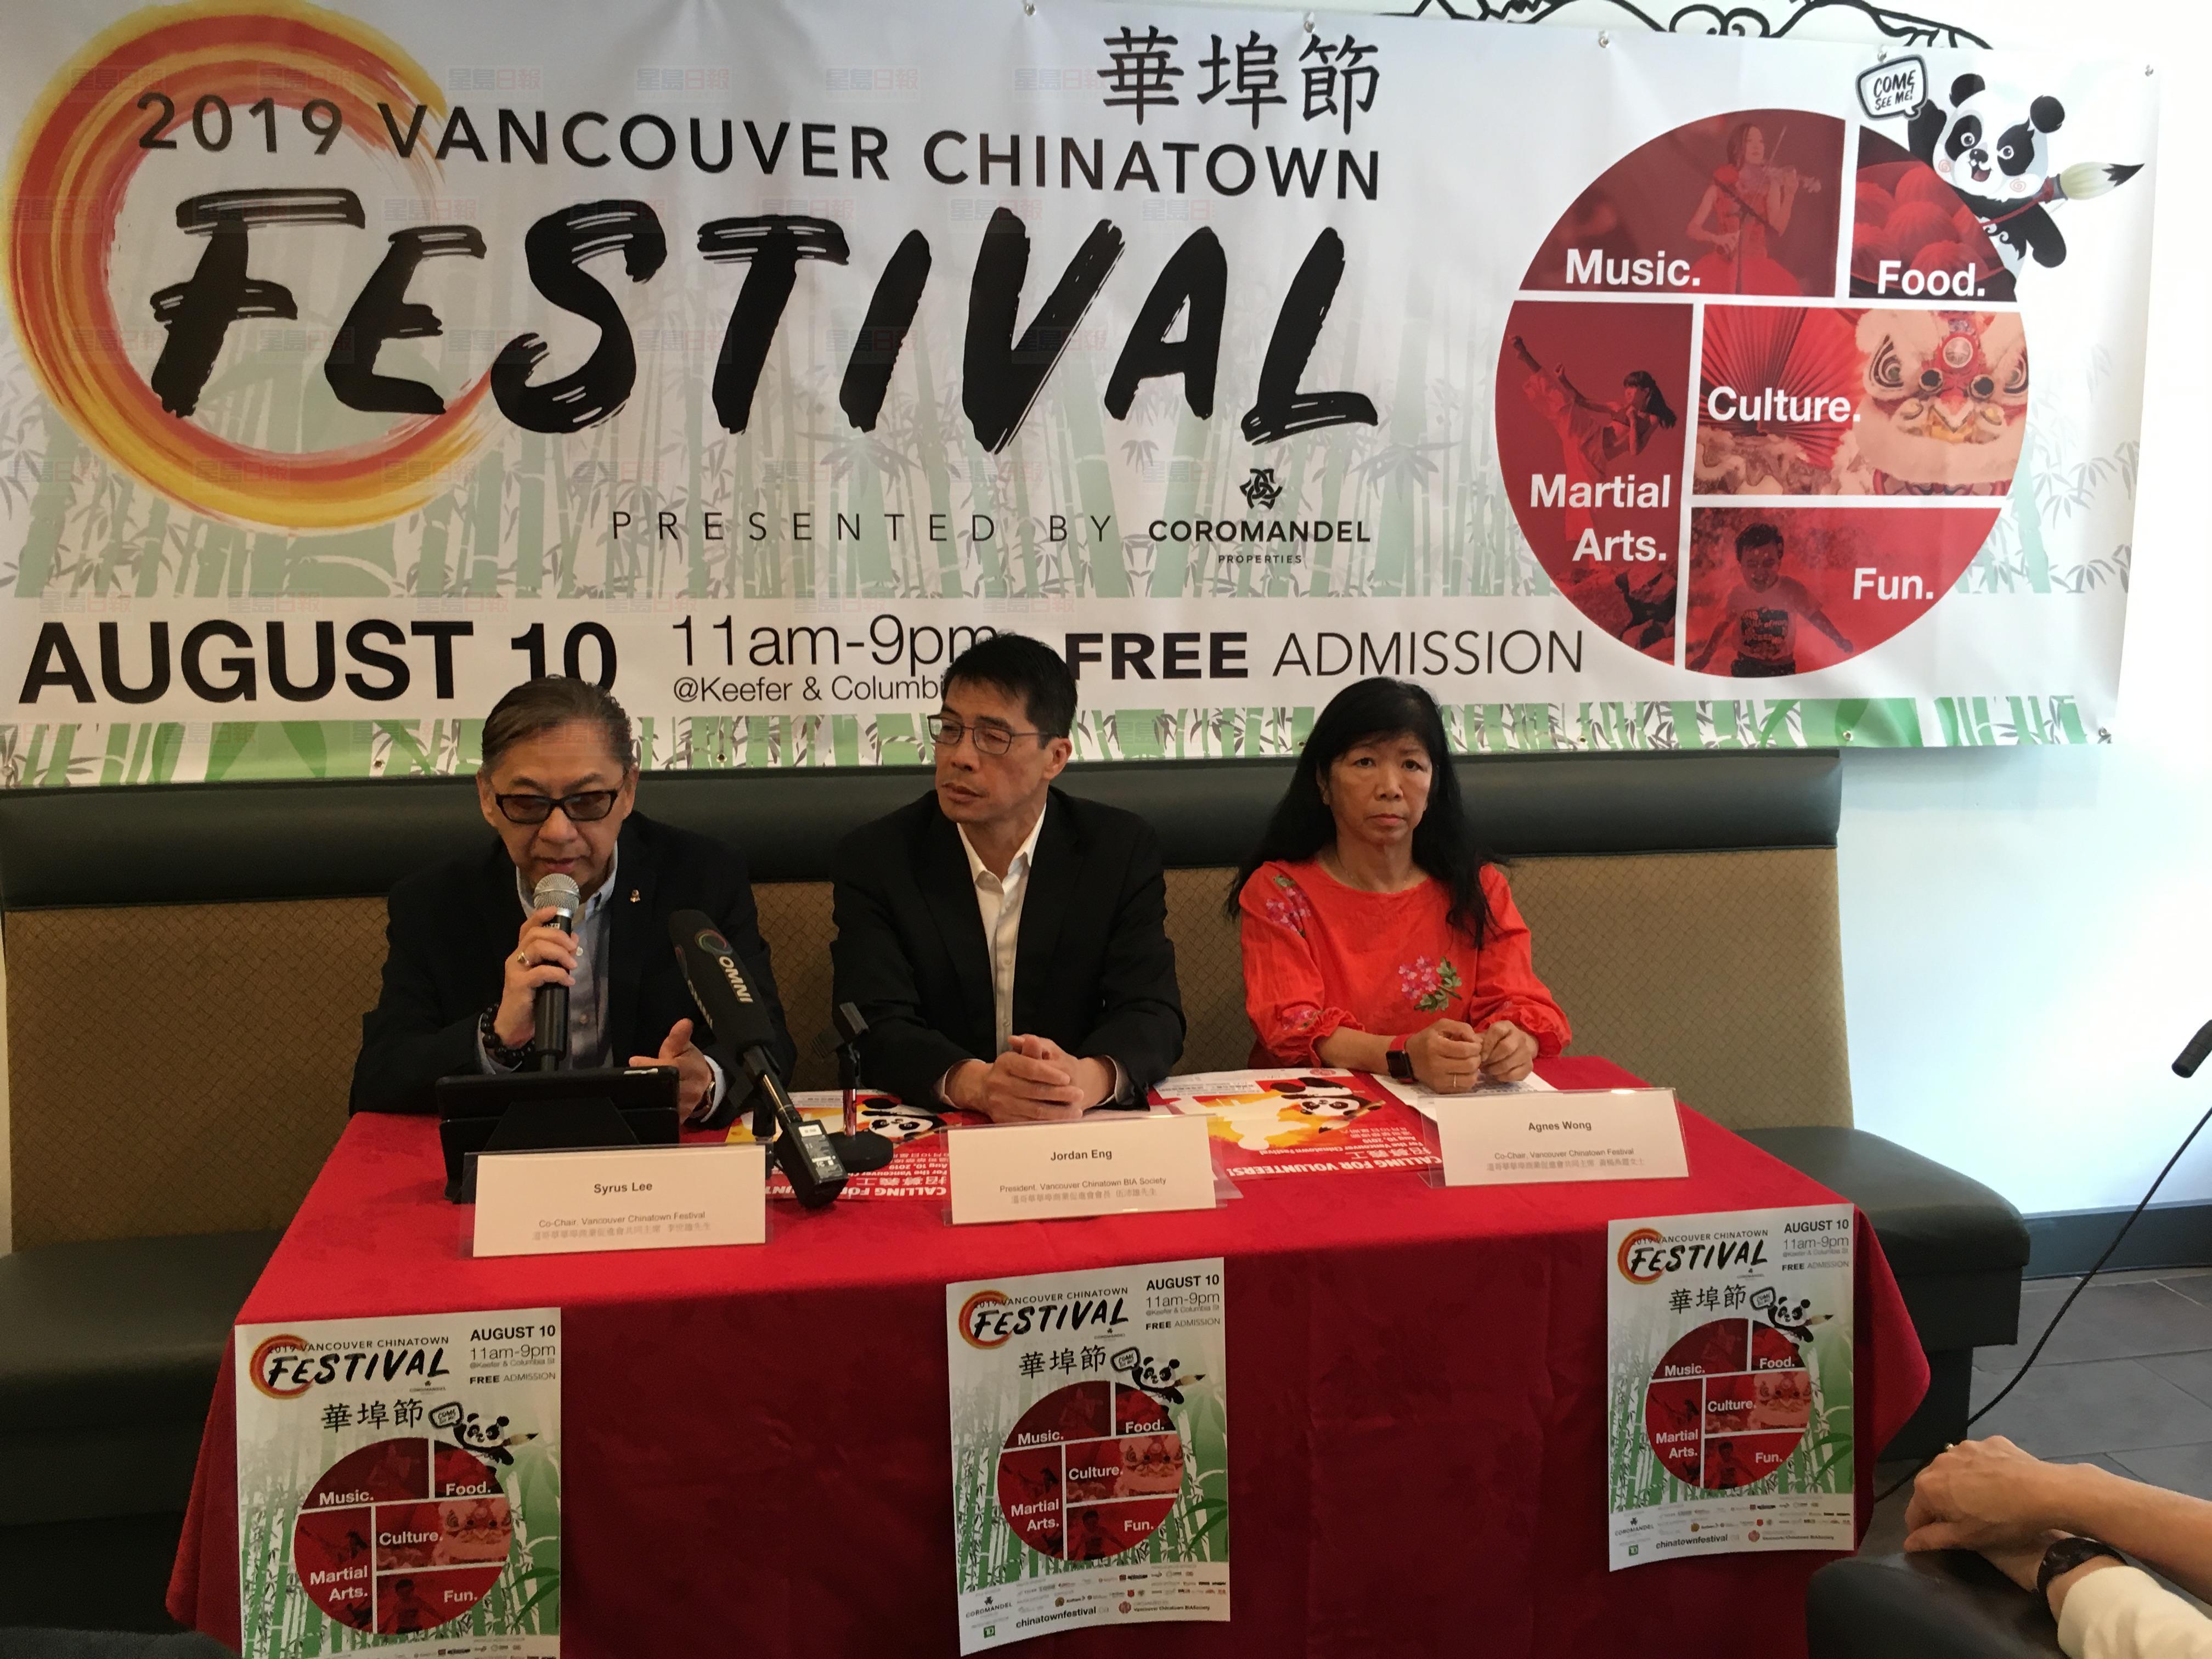 溫華埠節8月10日舉行 預計超過5萬人參加